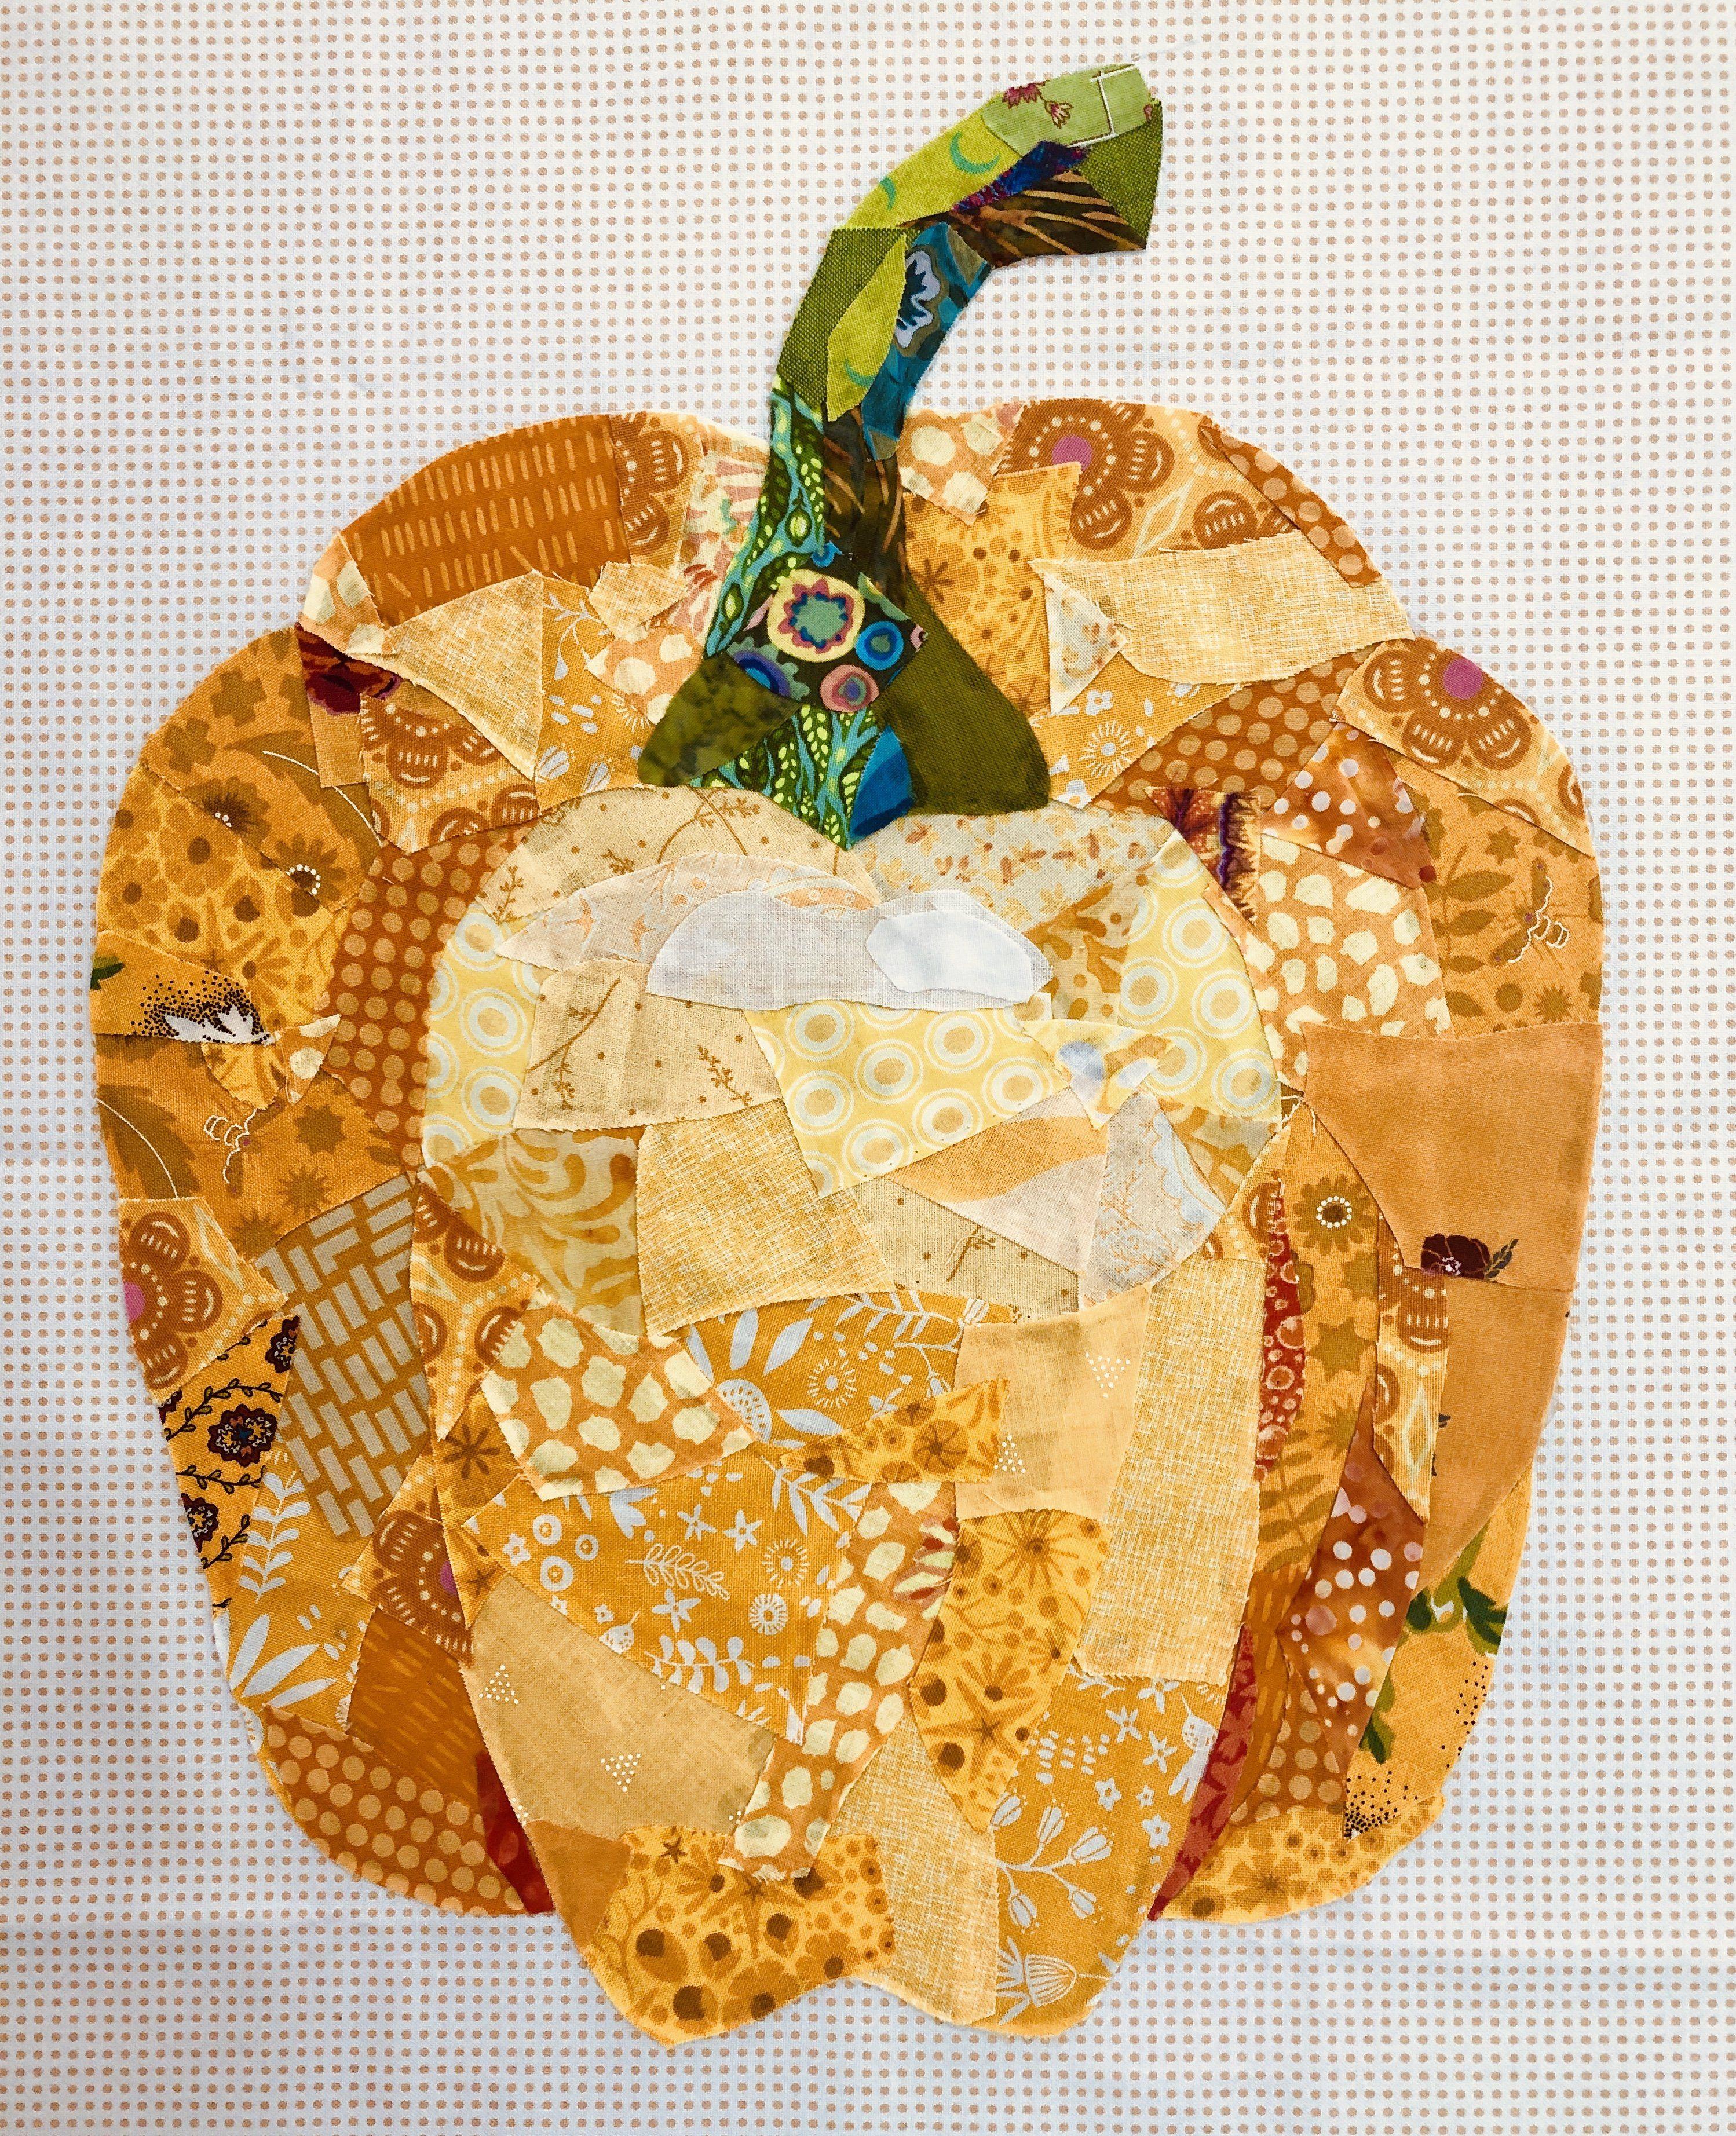 Mosaic Wall Art Wall Bell Pepper/'s